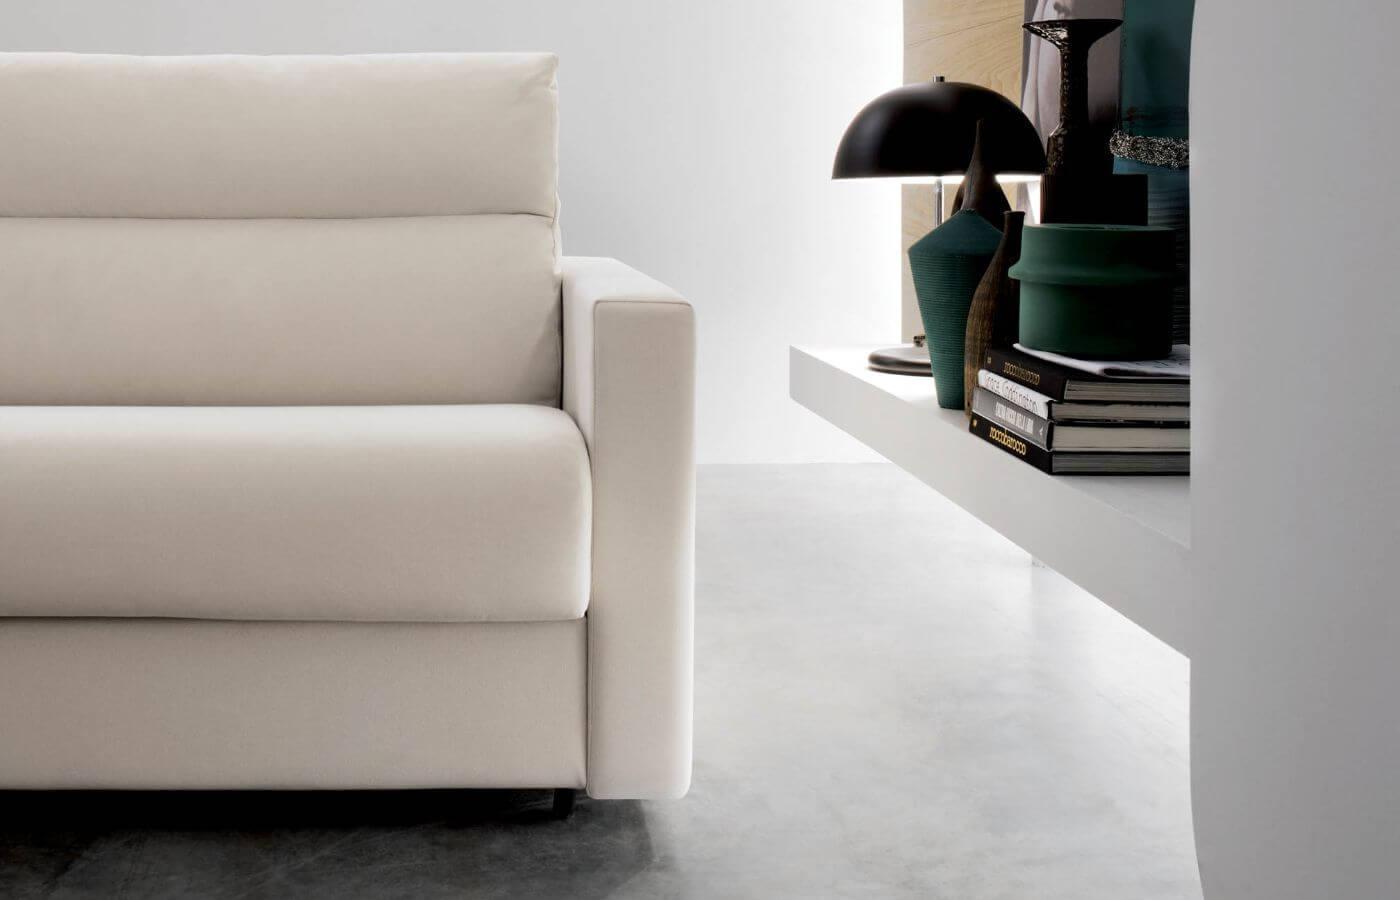 divani-letto-collezione-danubio-il-mobile (1)